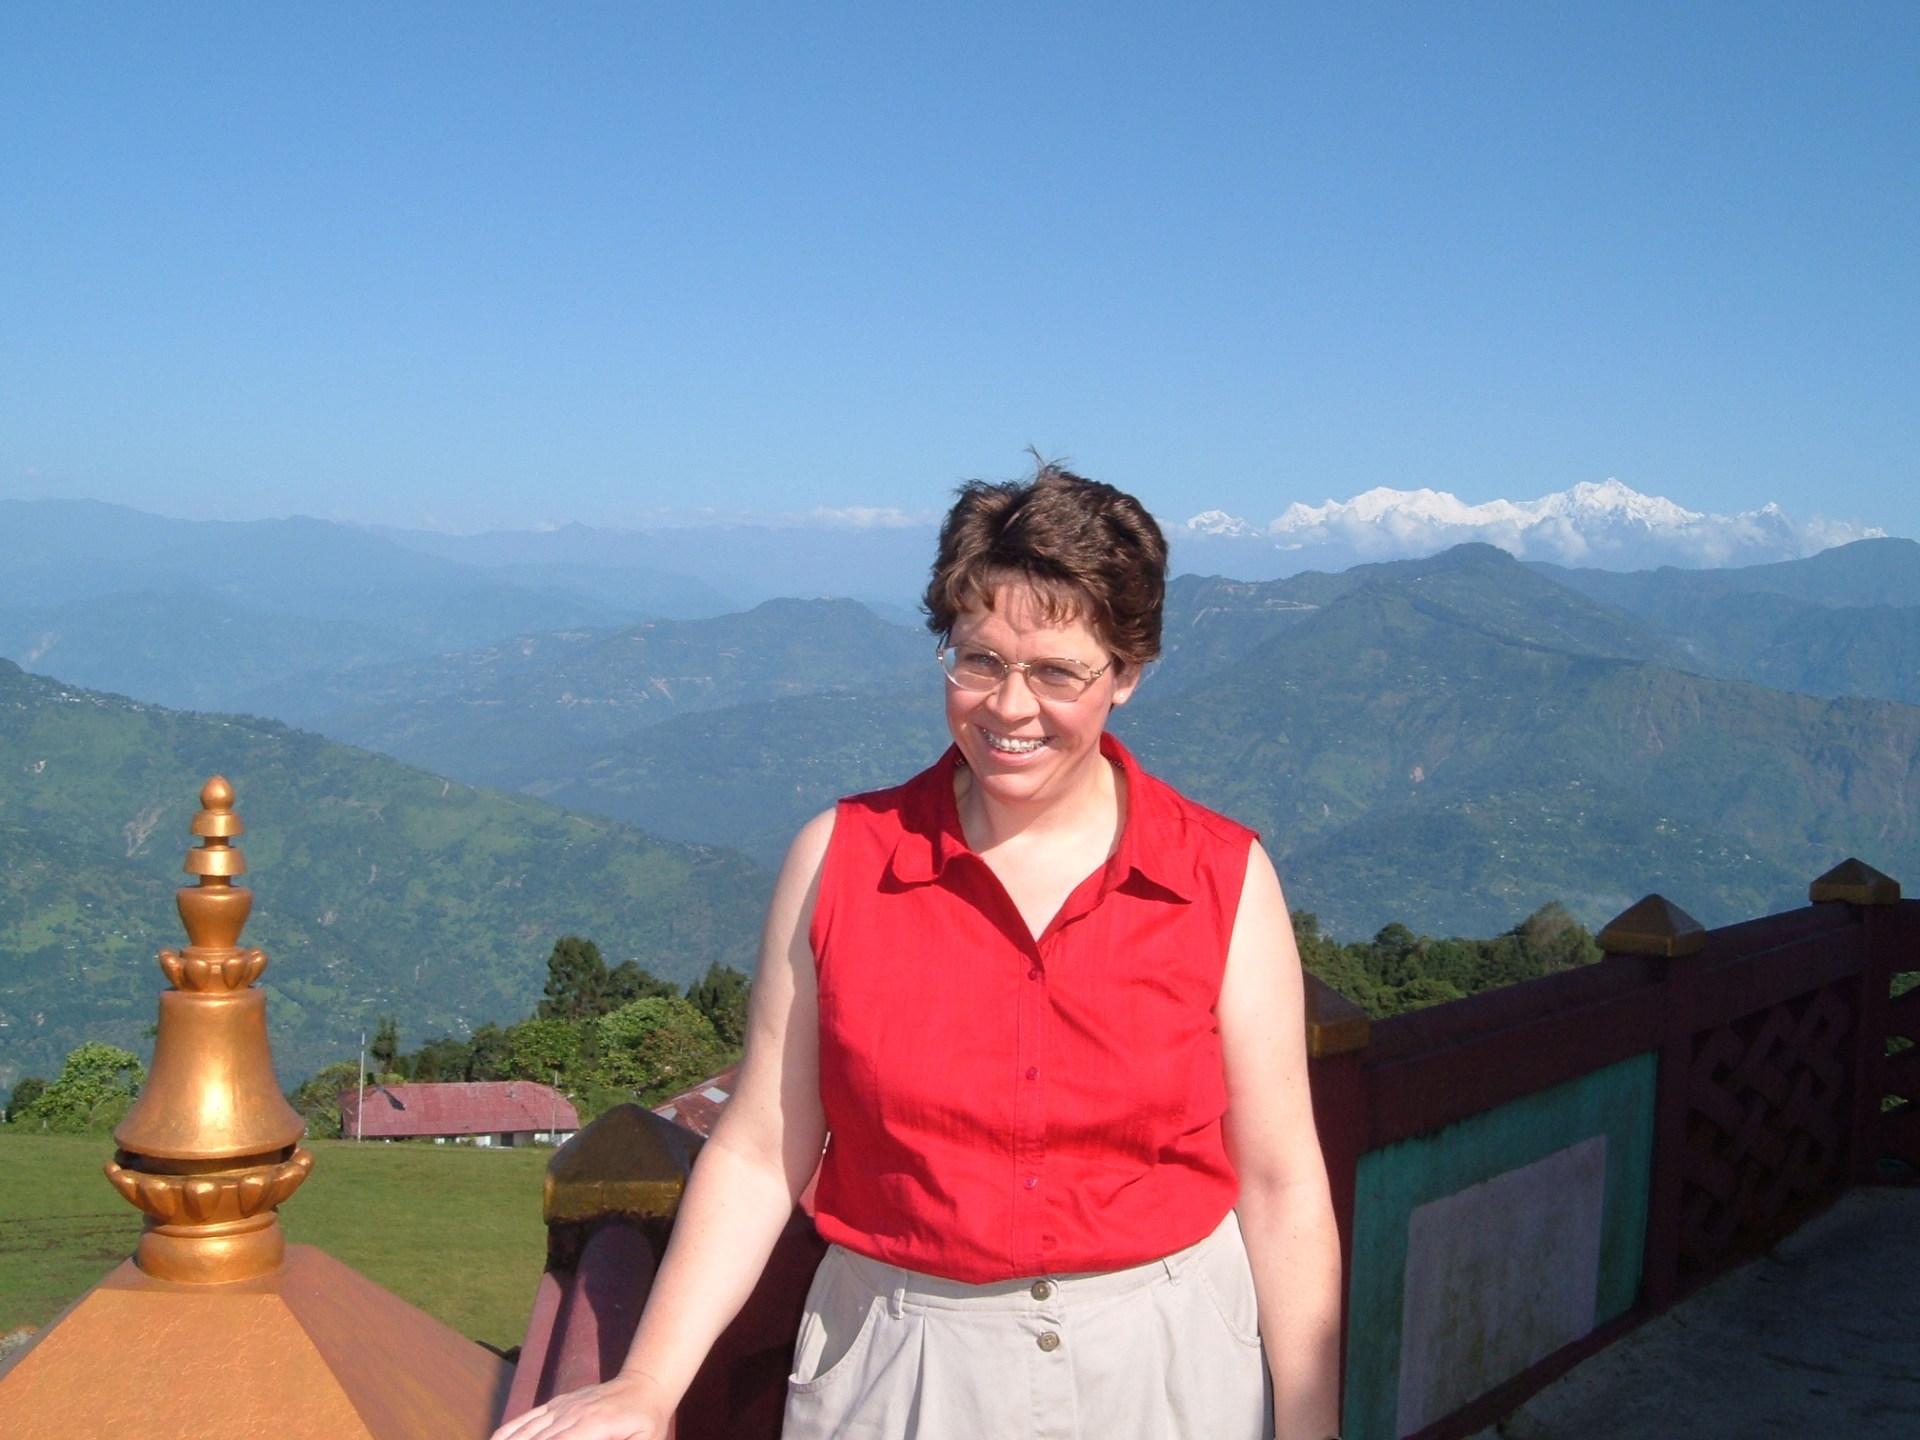 Mt. Kanchenjunga, Himalayas, from Sikkim